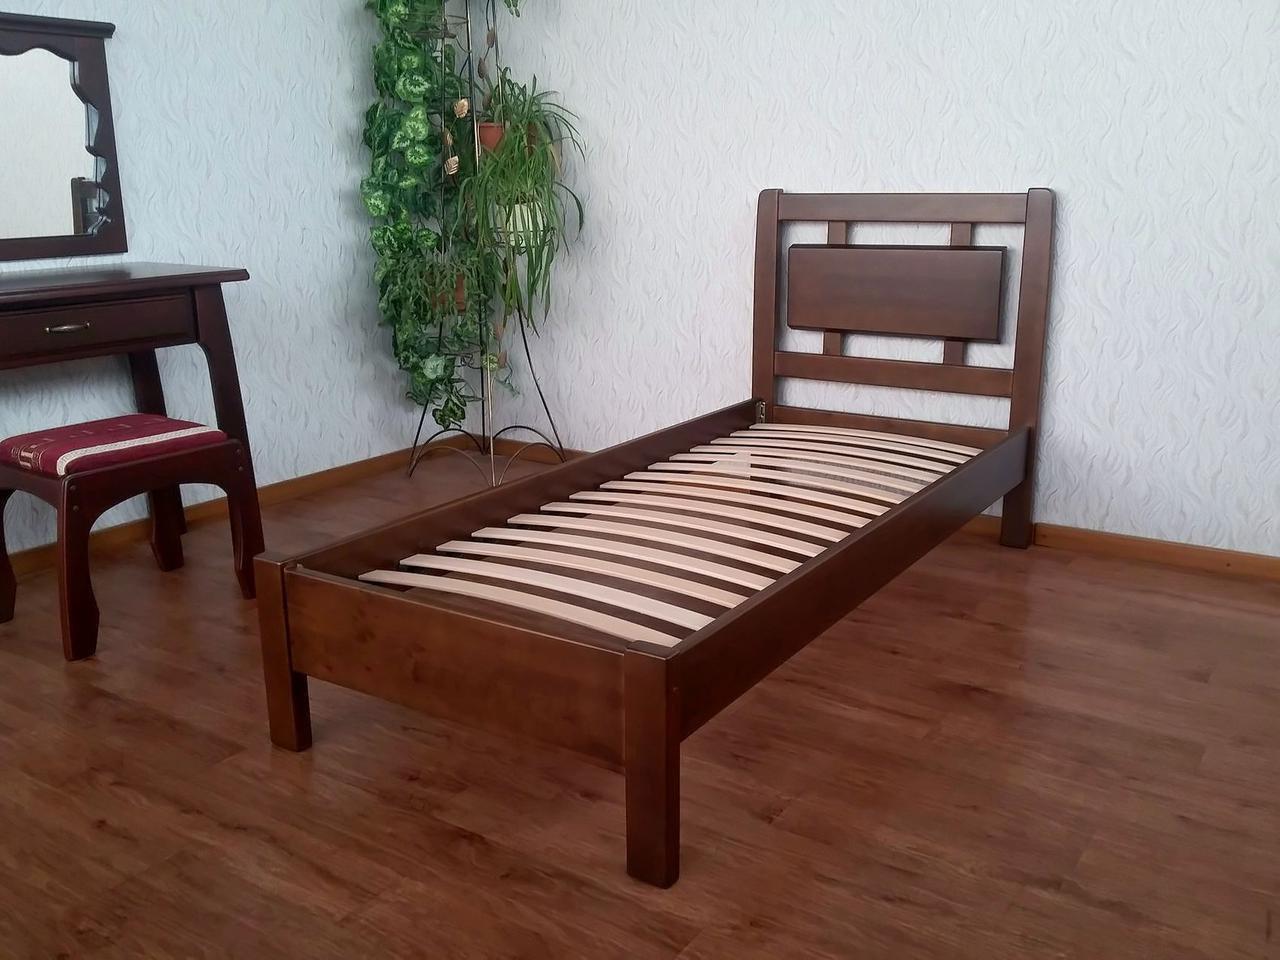 Кровать деревянная КРОВАТЬ Центр Магия дерева сосна, ольха